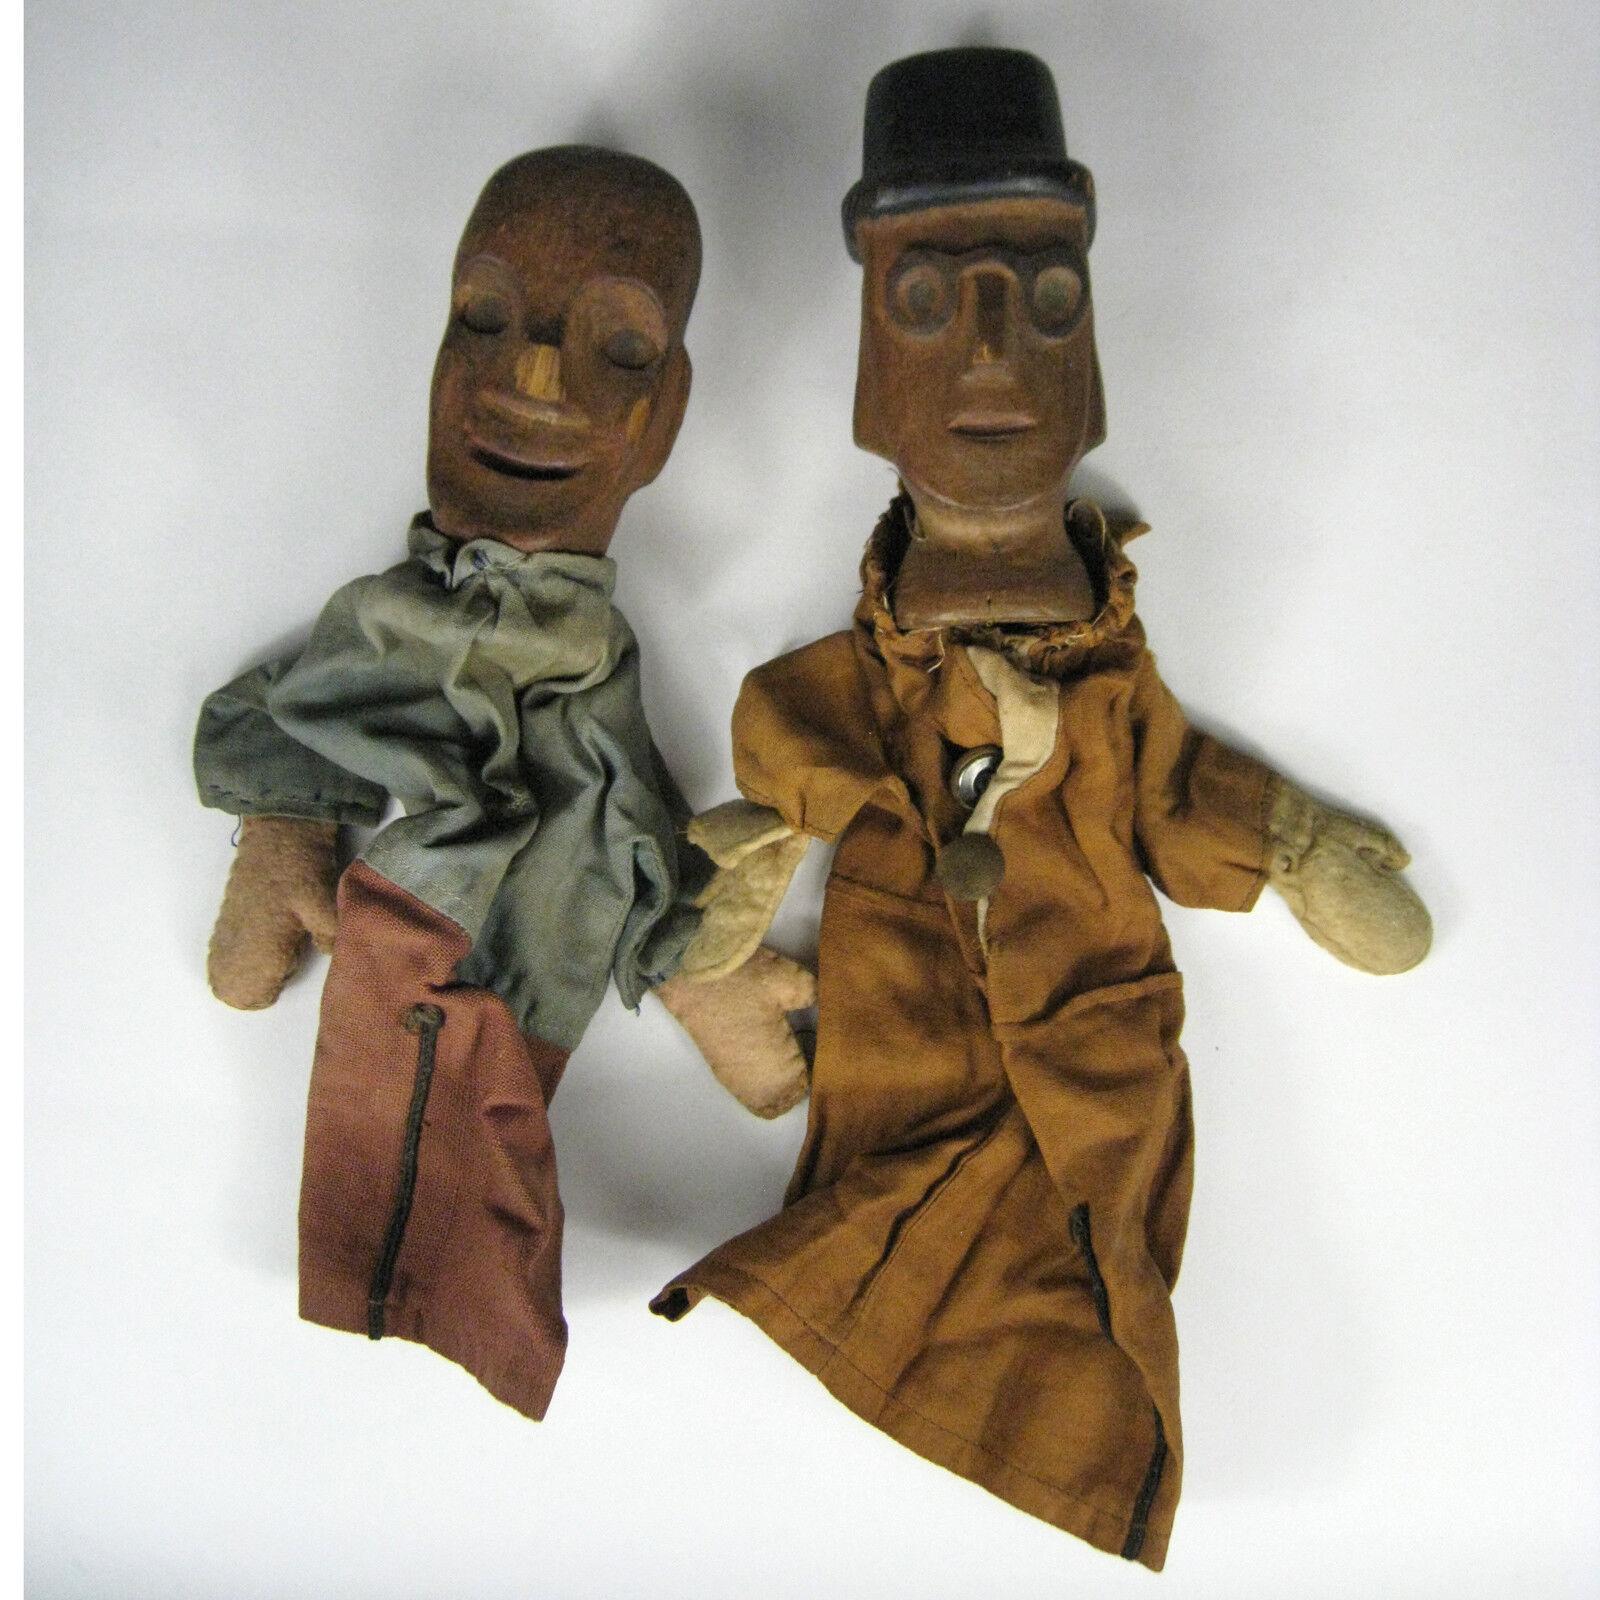 Finger Puppet Germany Wood 2 Vintage Wooden Hand Vintage